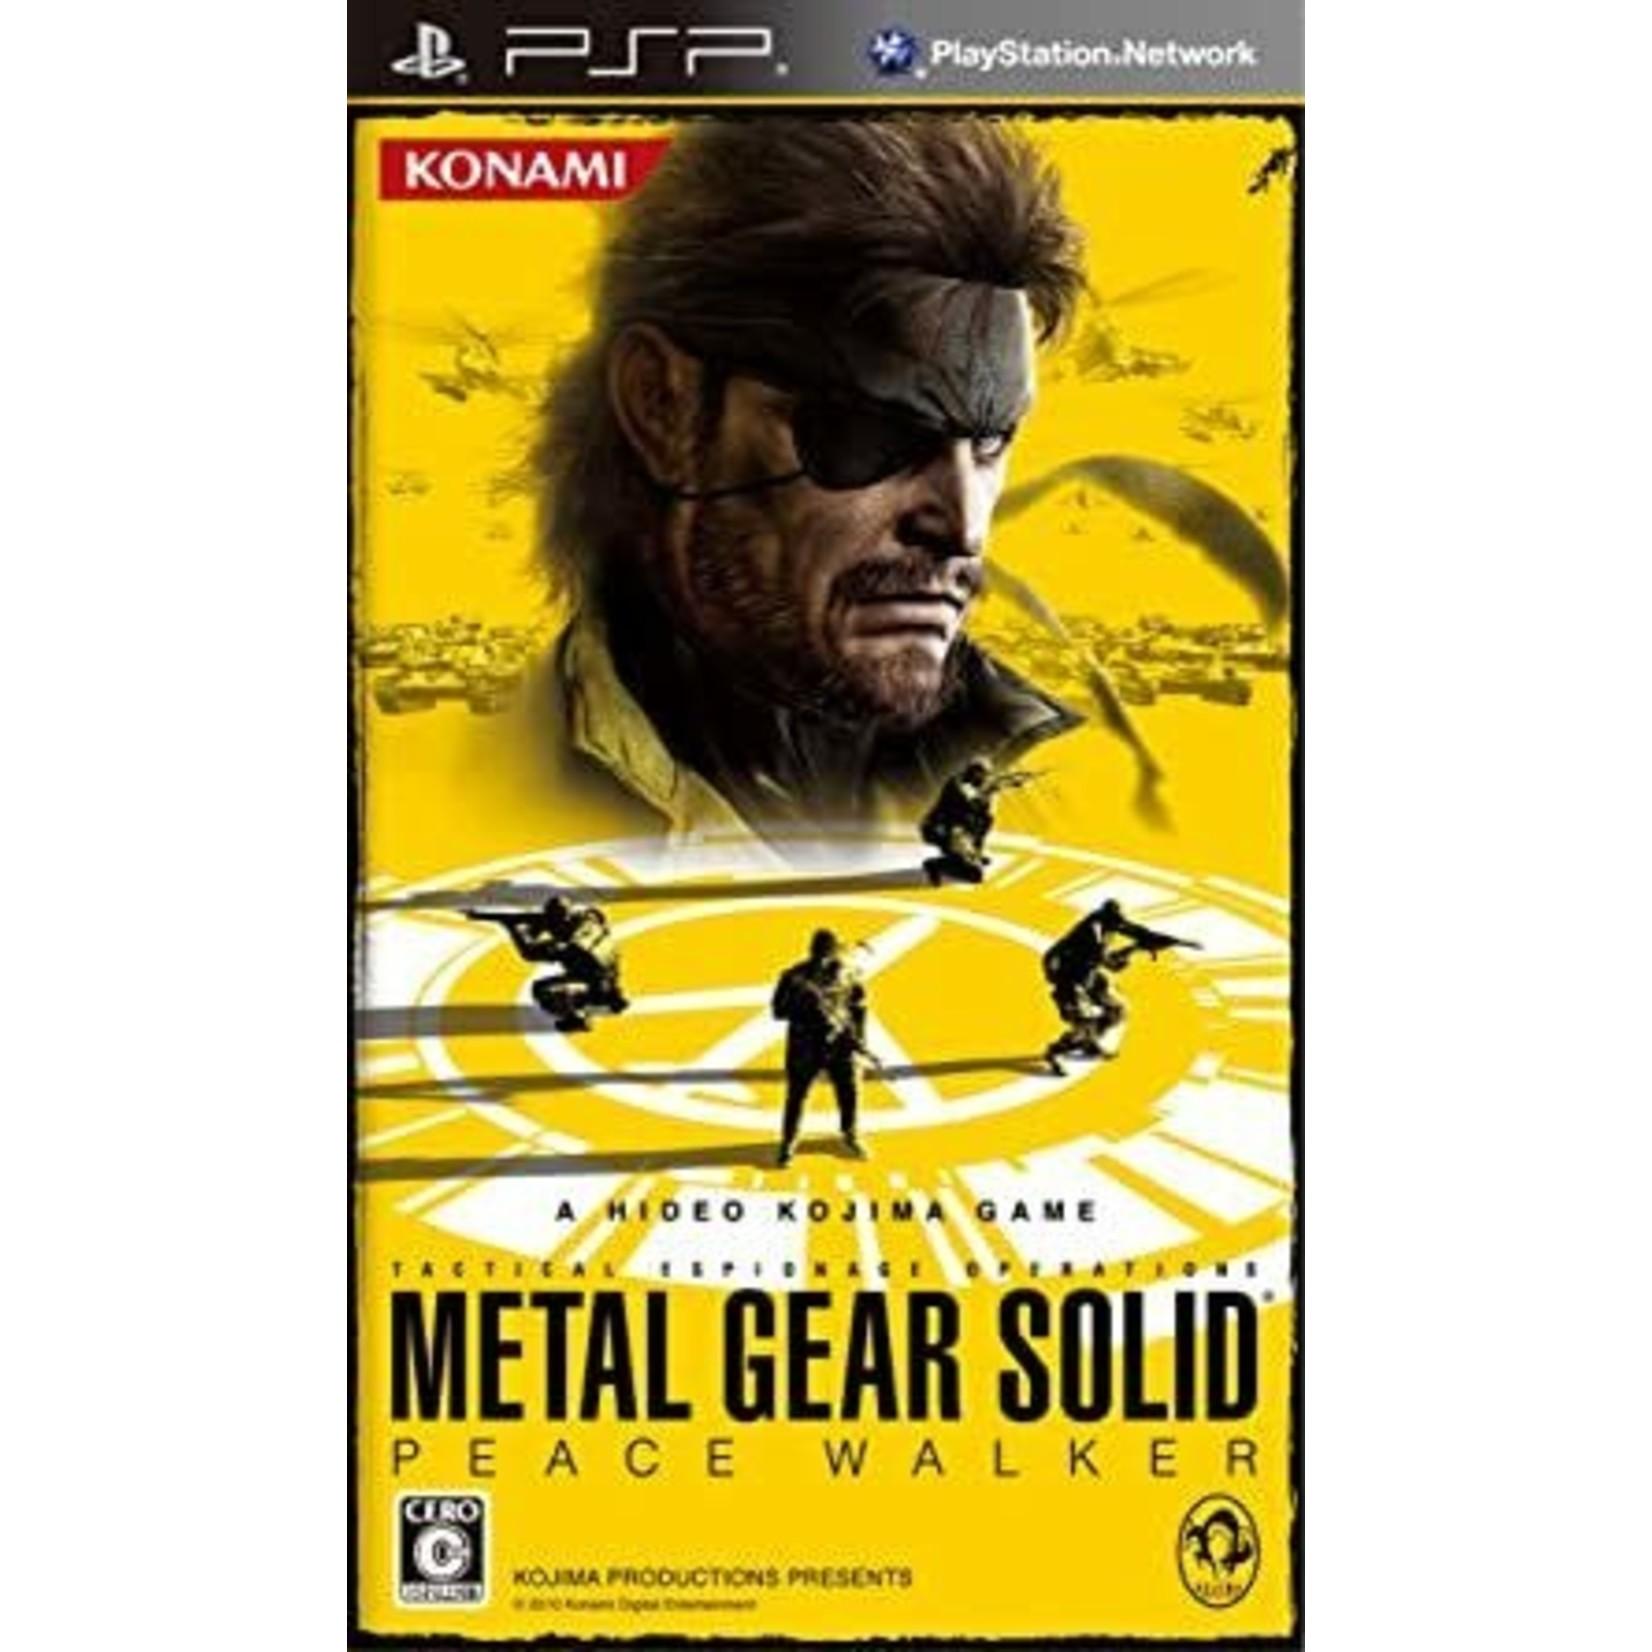 IMPORT-PSPU-Metal Gear Solid Peace Walker